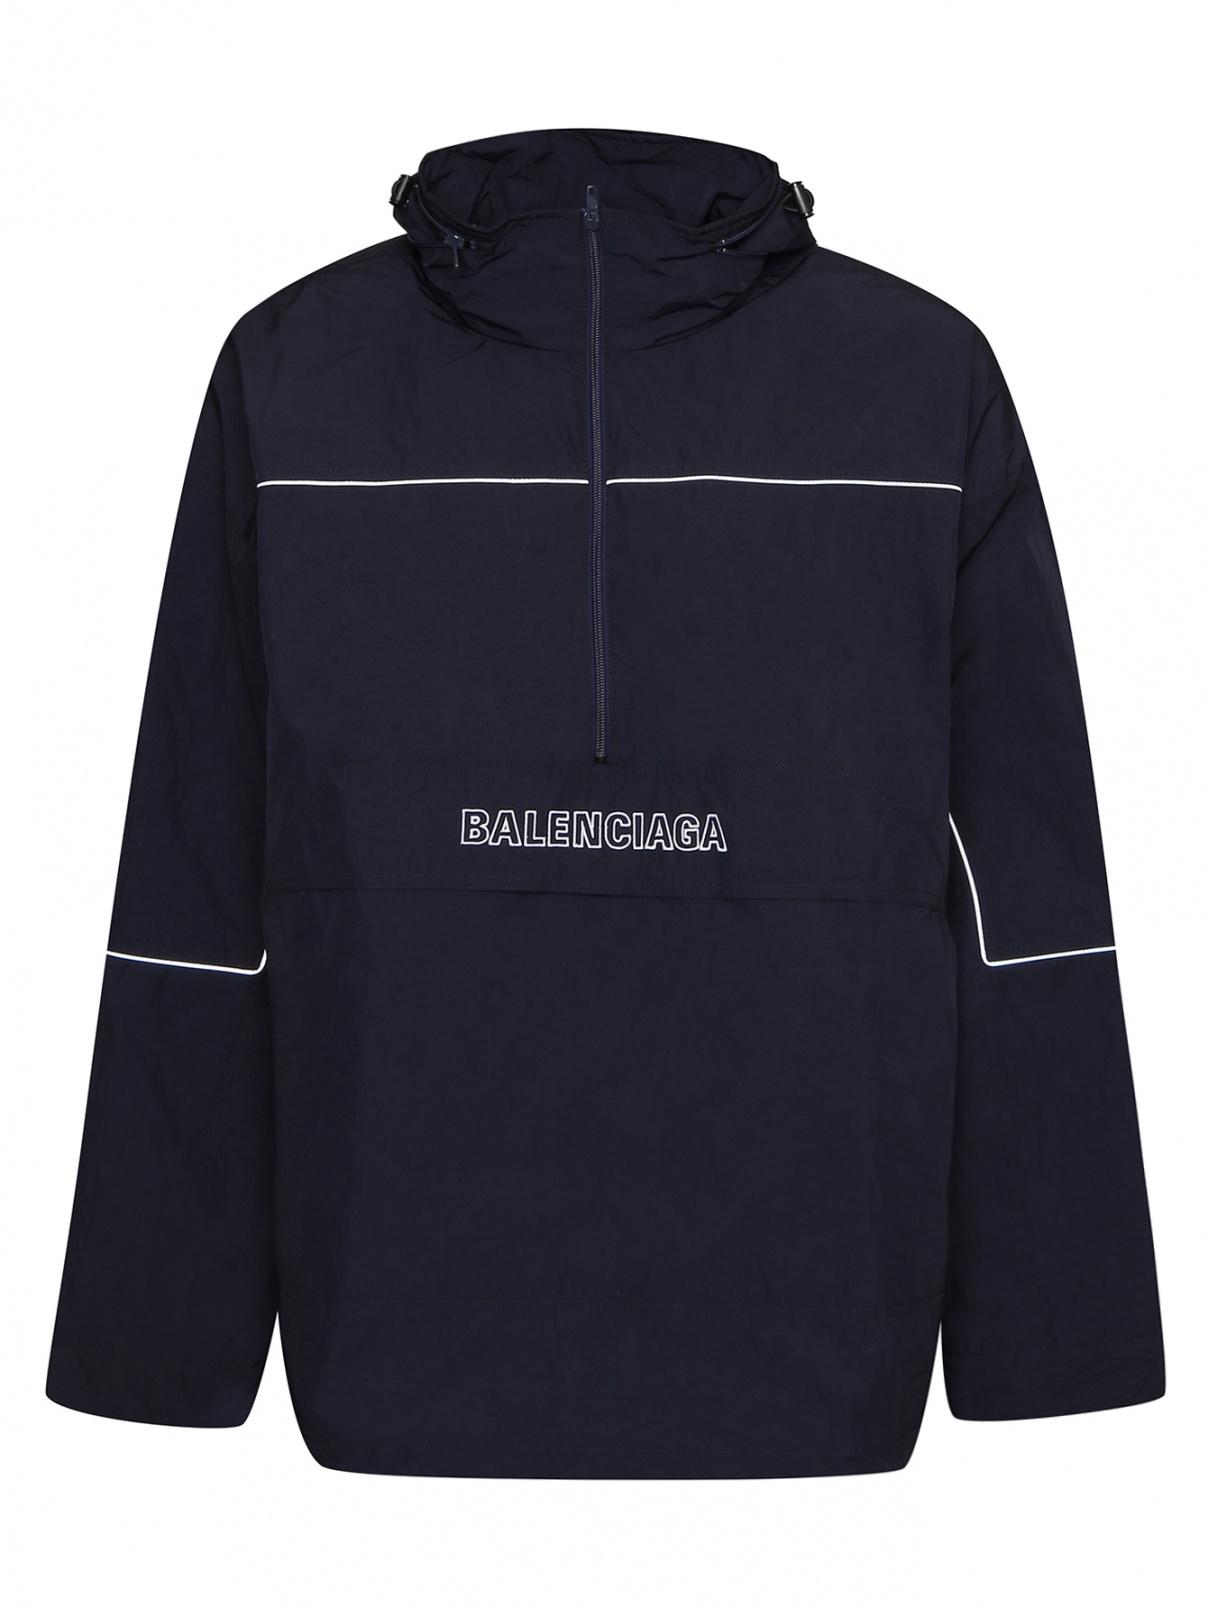 Анорак с вышивкой Balenciaga  –  Общий вид  – Цвет:  Синий